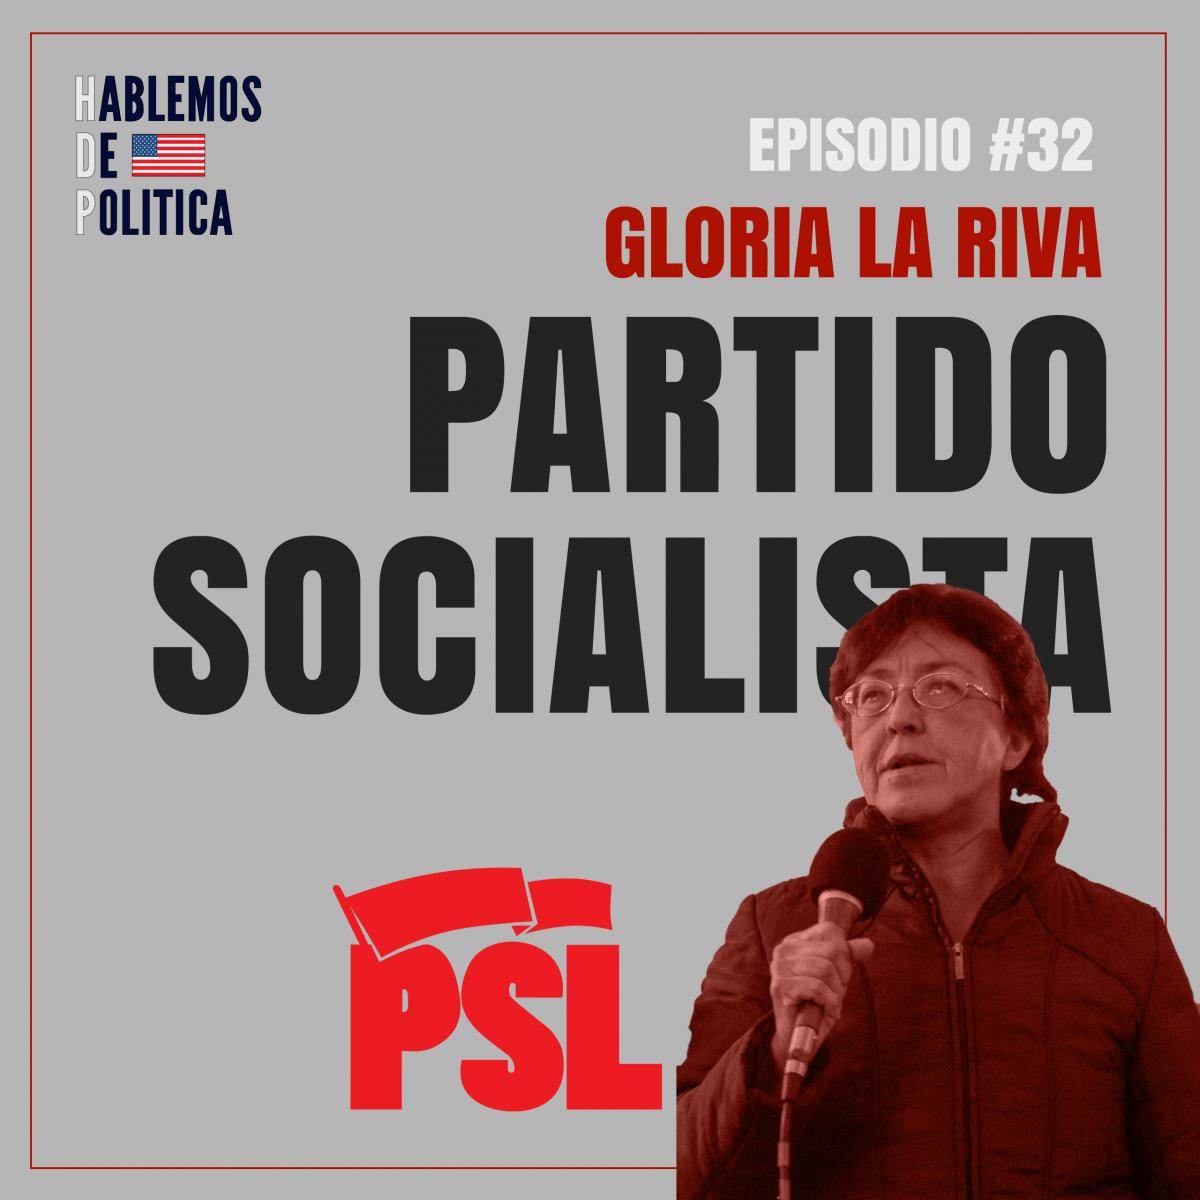 Partido Socialista y Liberación